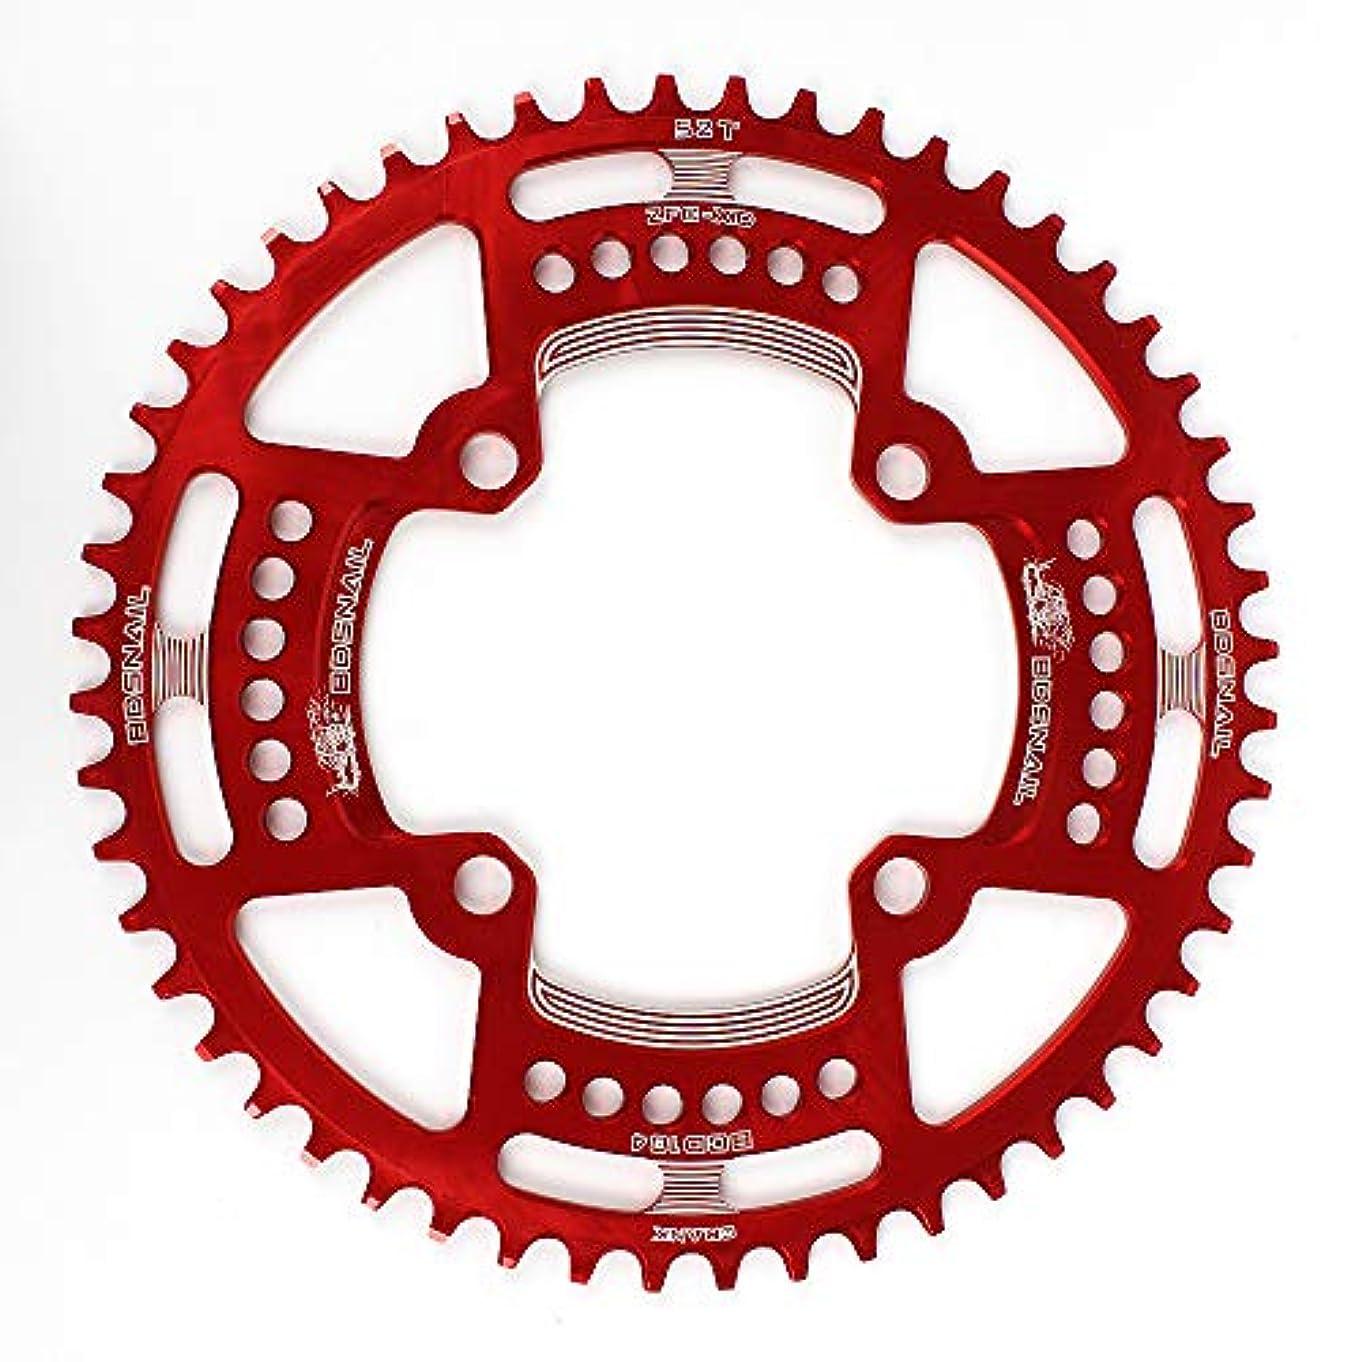 スケジュール楽な仲間、同僚Rakuby 自転車チェーンリング 104BCD マウンテン バイクシングル チェーンリング ディスクナロー ワイドチェーンリング 44T / 46T / 48T / 50T / 53T